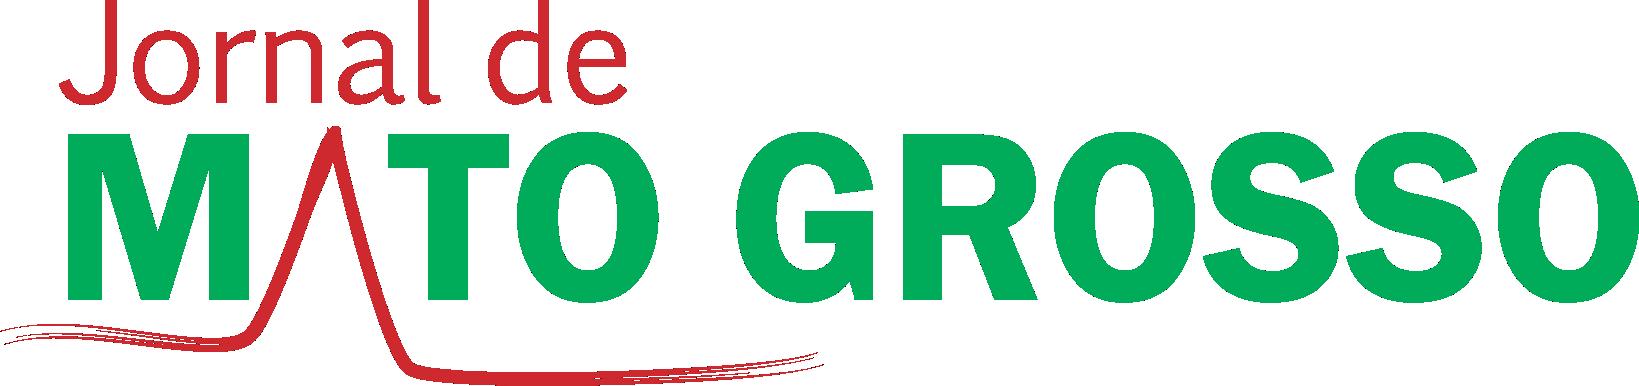 Jornal de Mato Grosso